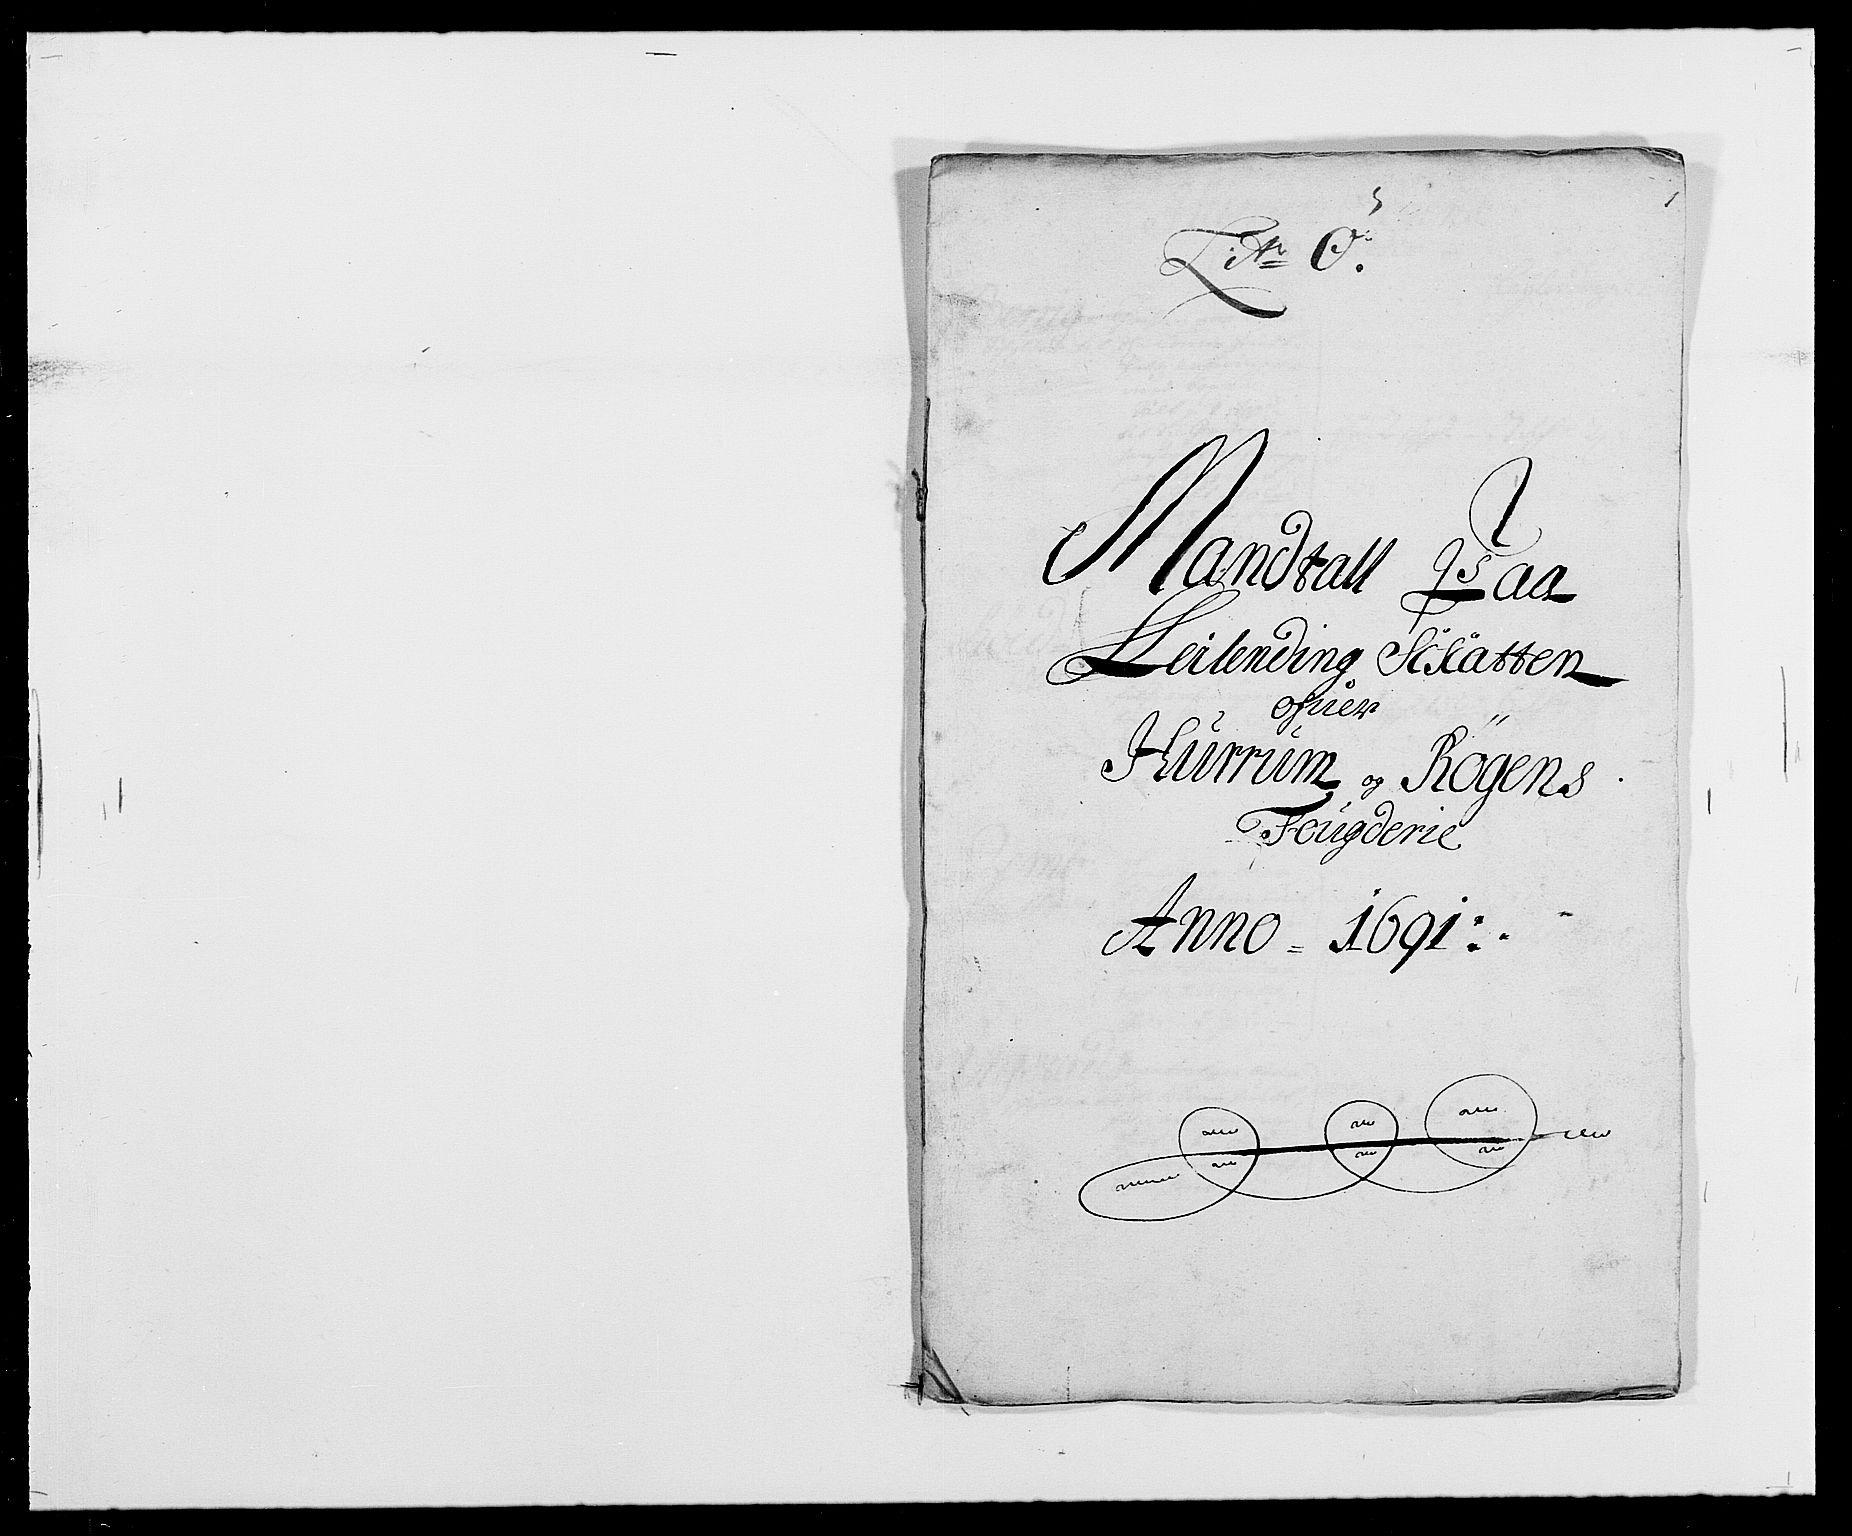 RA, Rentekammeret inntil 1814, Reviderte regnskaper, Fogderegnskap, R29/L1693: Fogderegnskap Hurum og Røyken, 1688-1693, s. 199